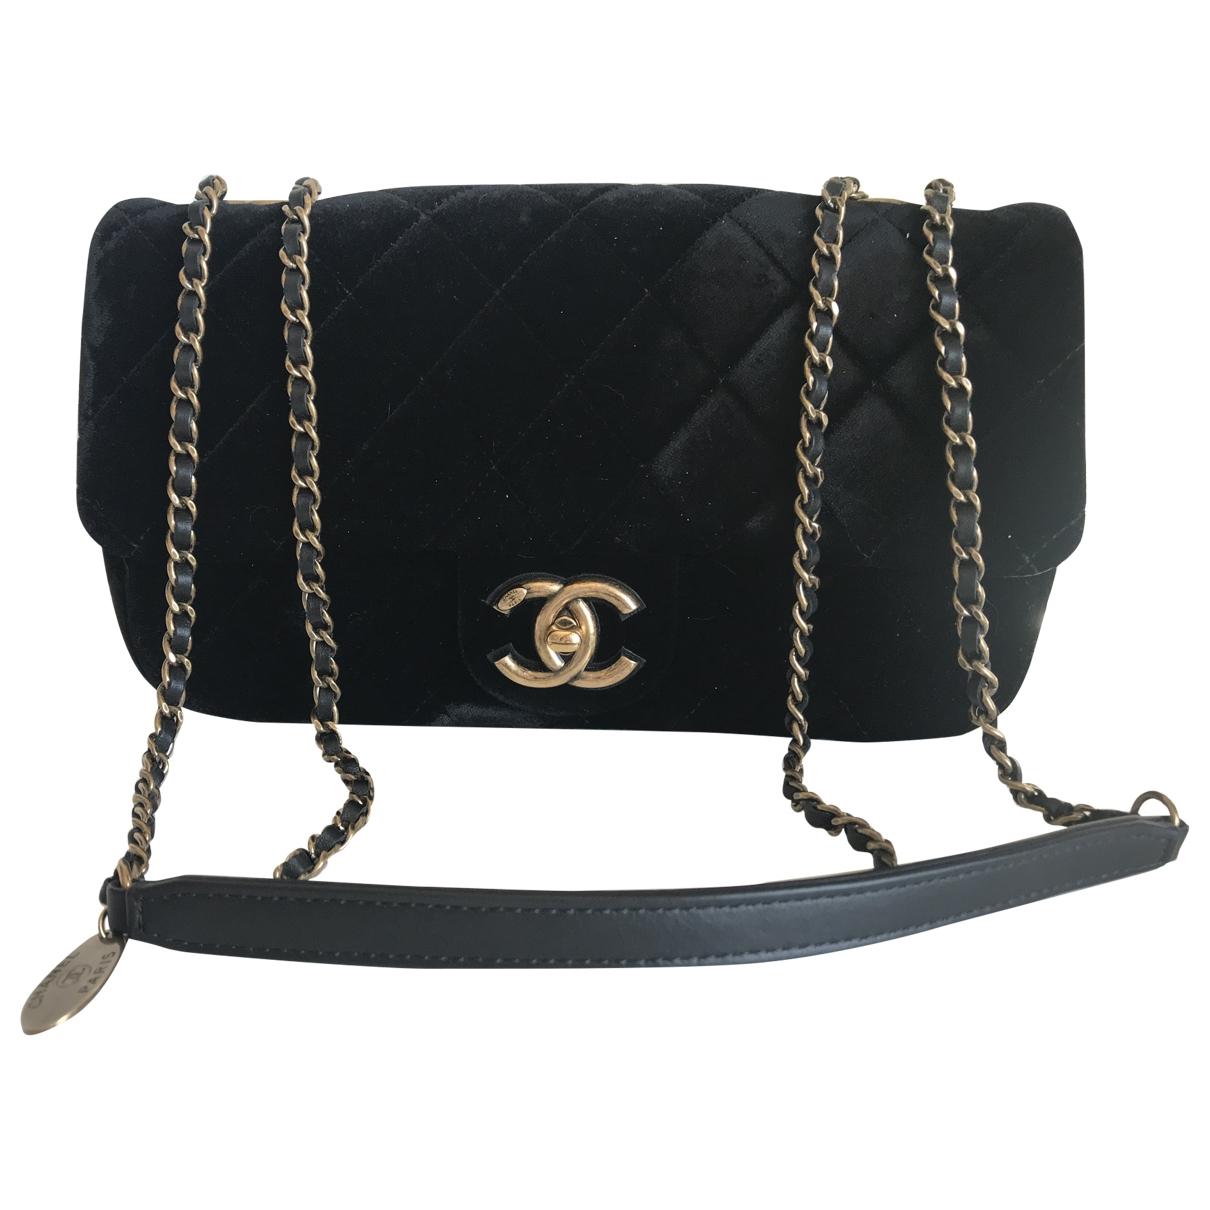 Chanel - Sac a main Timeless/Classique pour femme en velours - noir